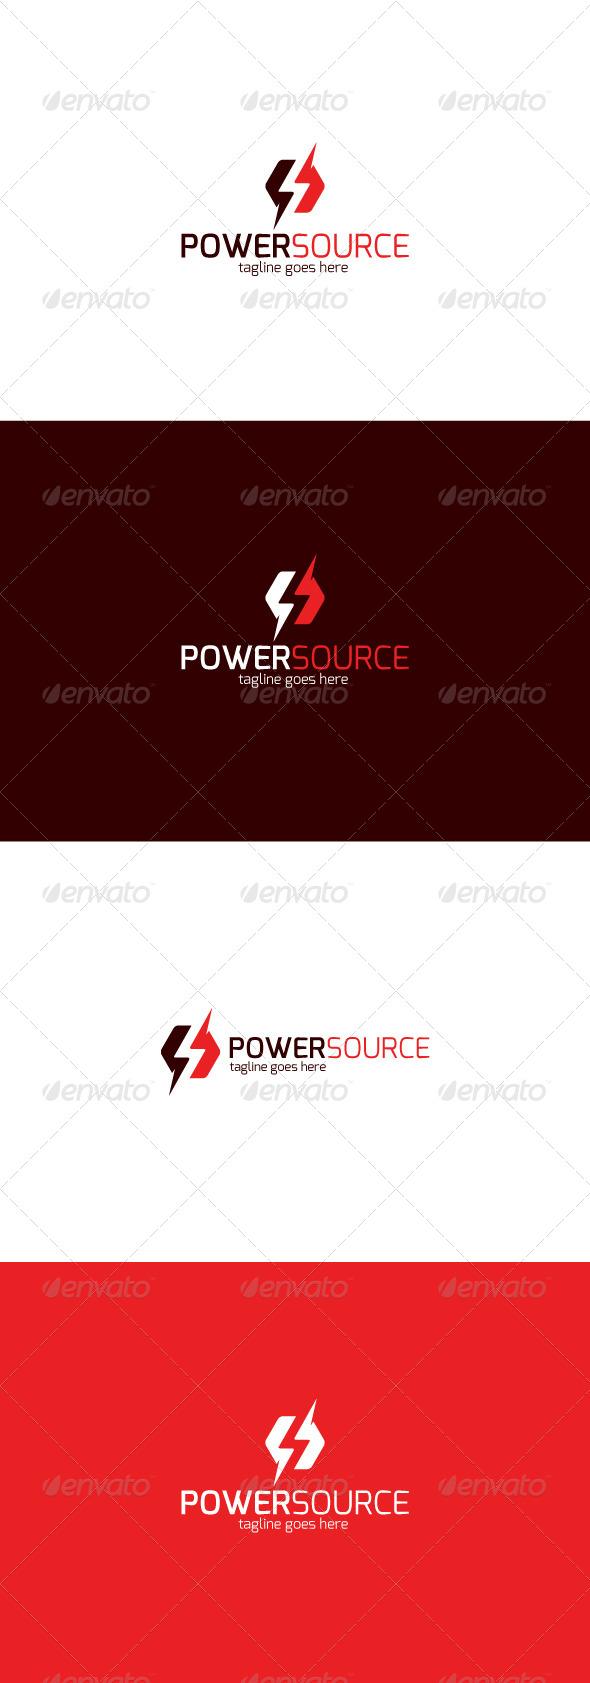 GraphicRiver Power Source Logo 8216871